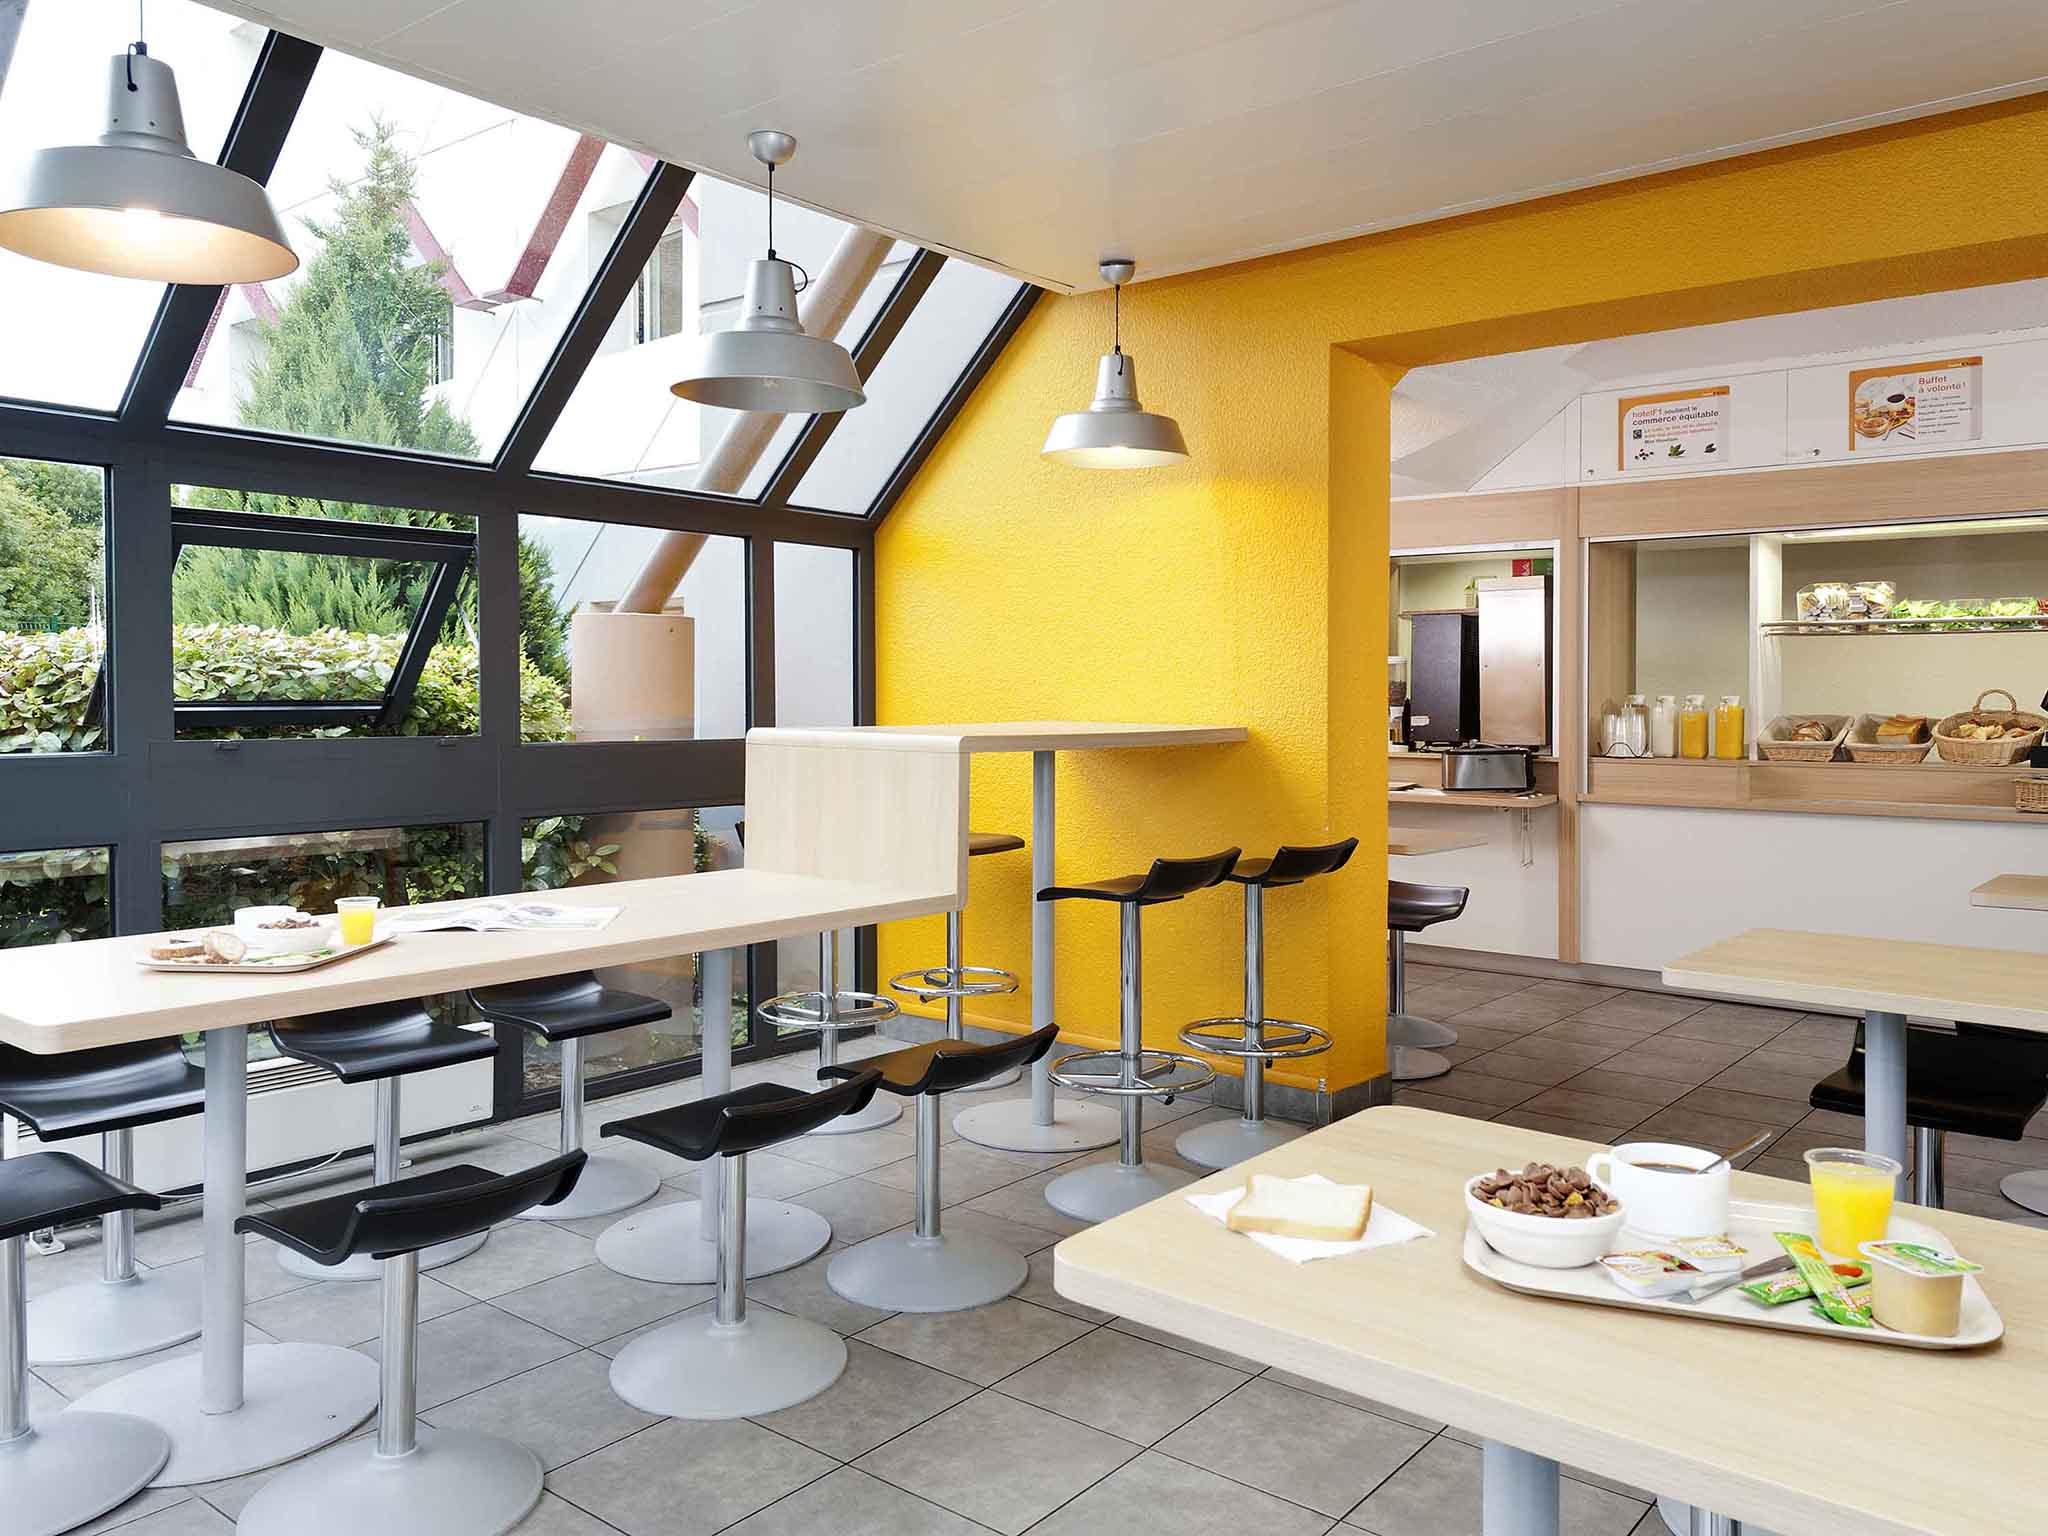 hotel in olivet hotelf1 orl ans olivet la source. Black Bedroom Furniture Sets. Home Design Ideas